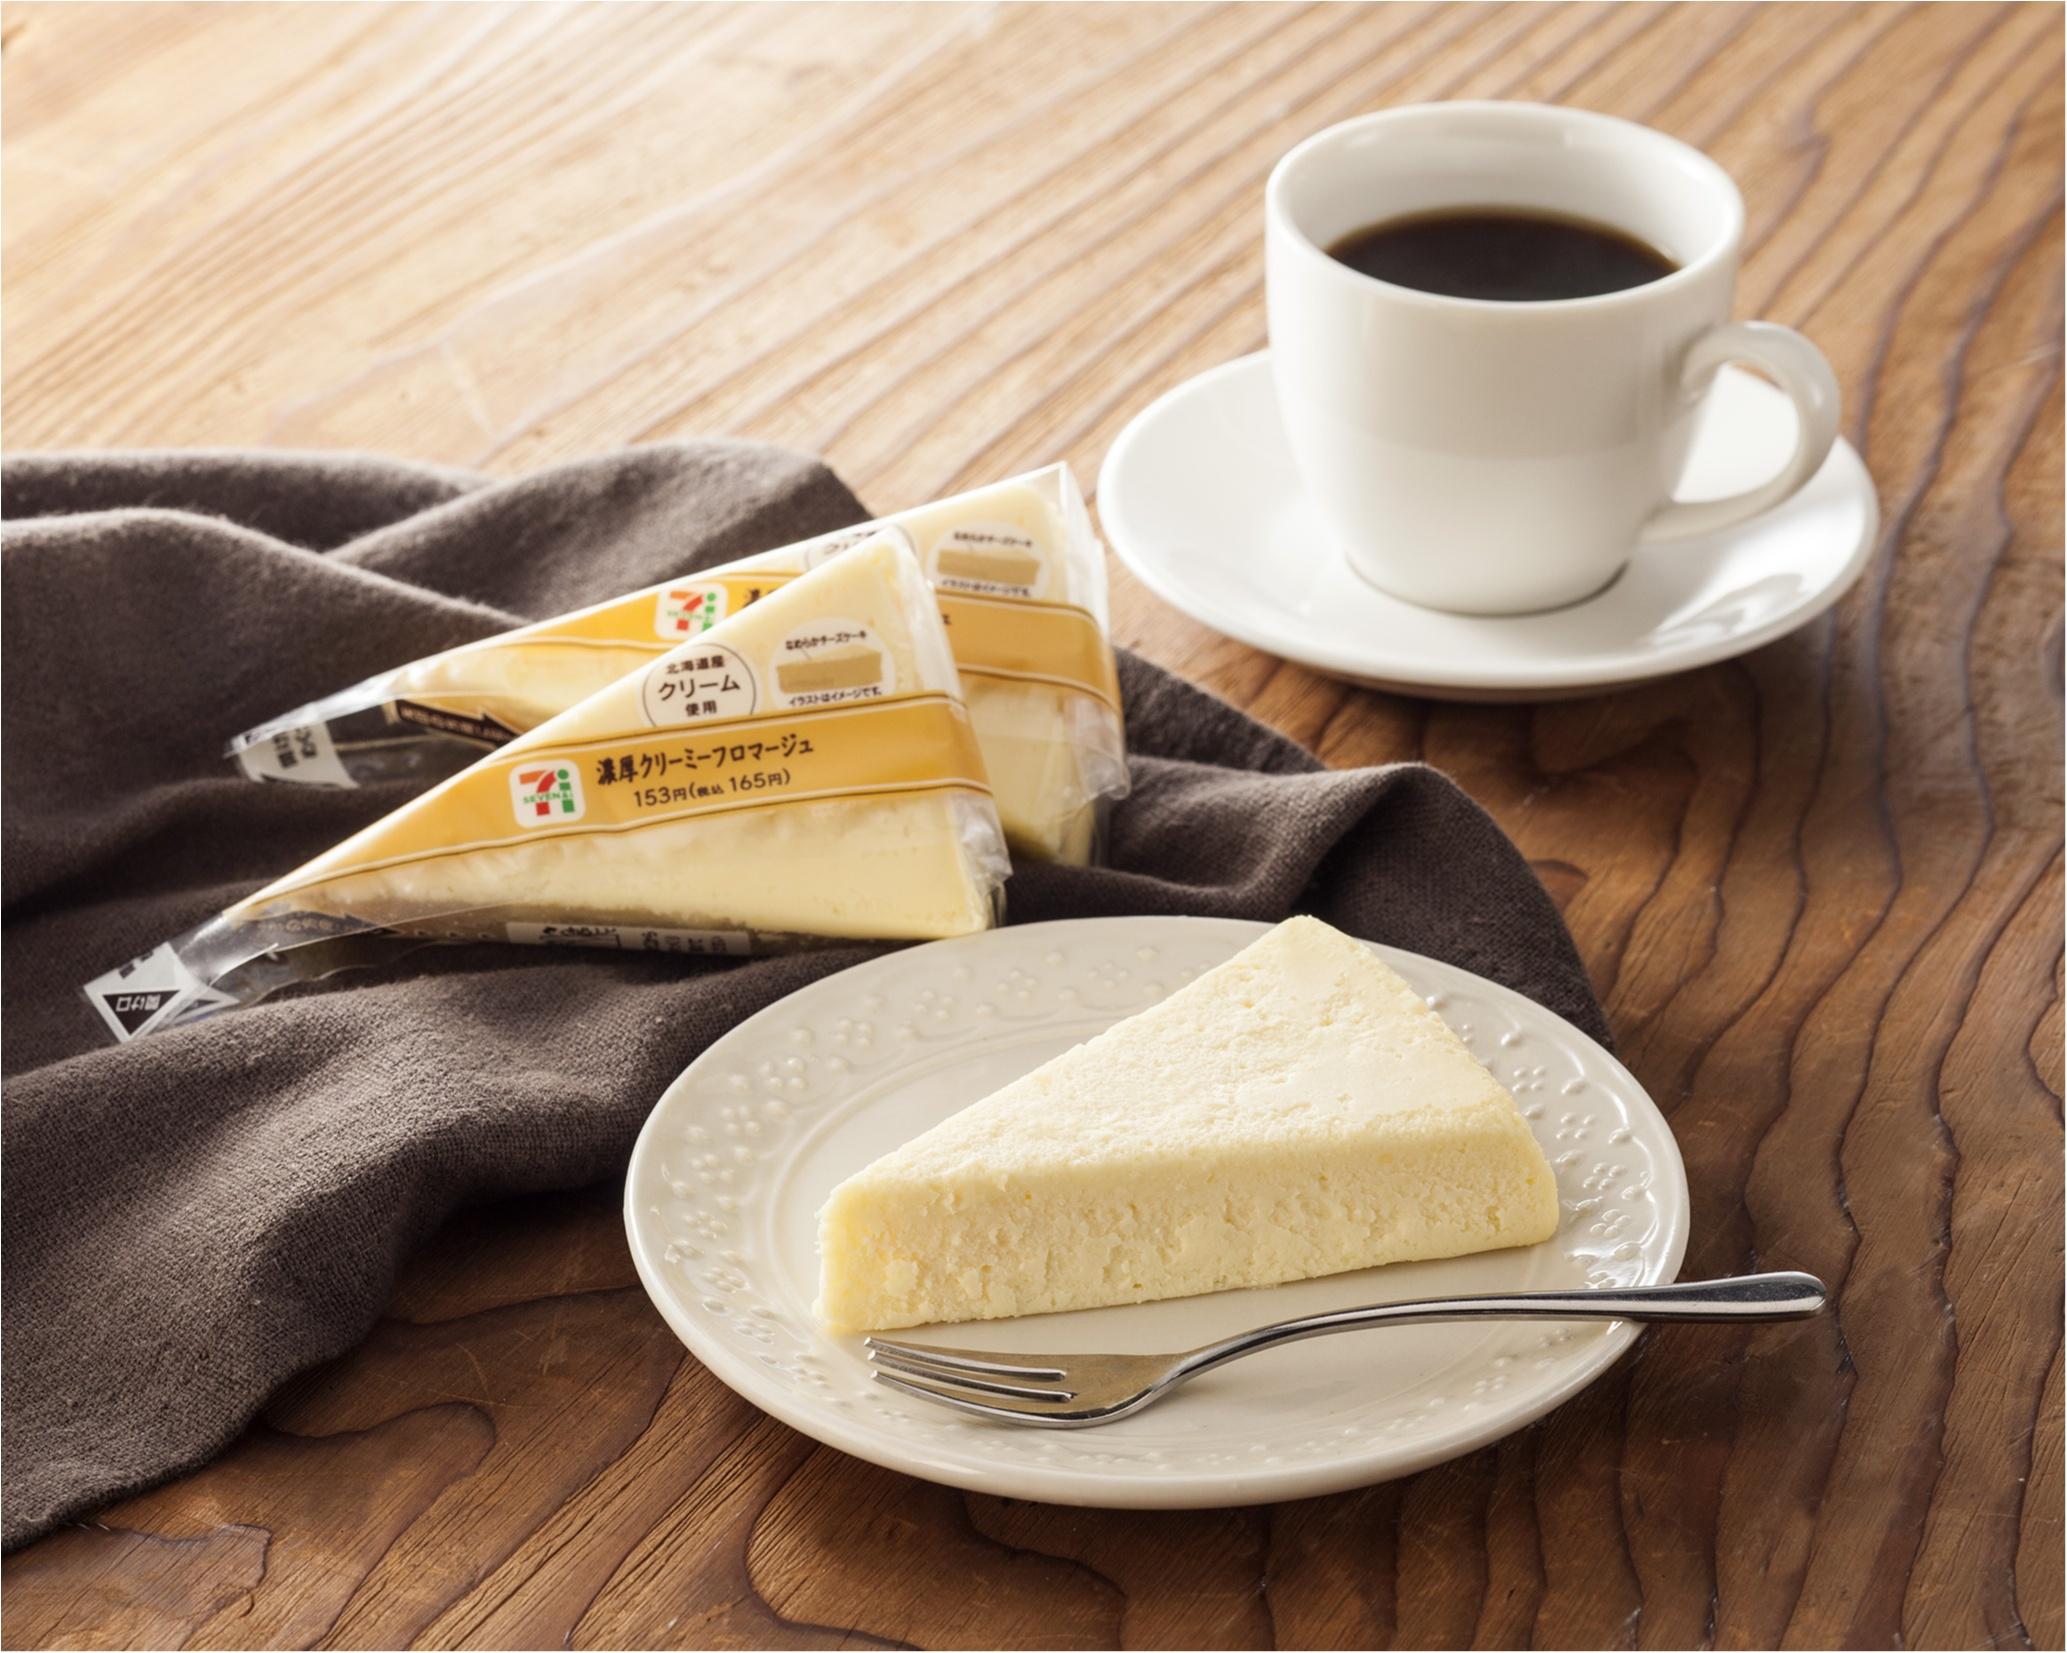 【11月11日はチーズの日♡】『セブンーイレブン』で魅惑の「チーズスイーツフェア」開催中! 全商品見せます♡_1_1